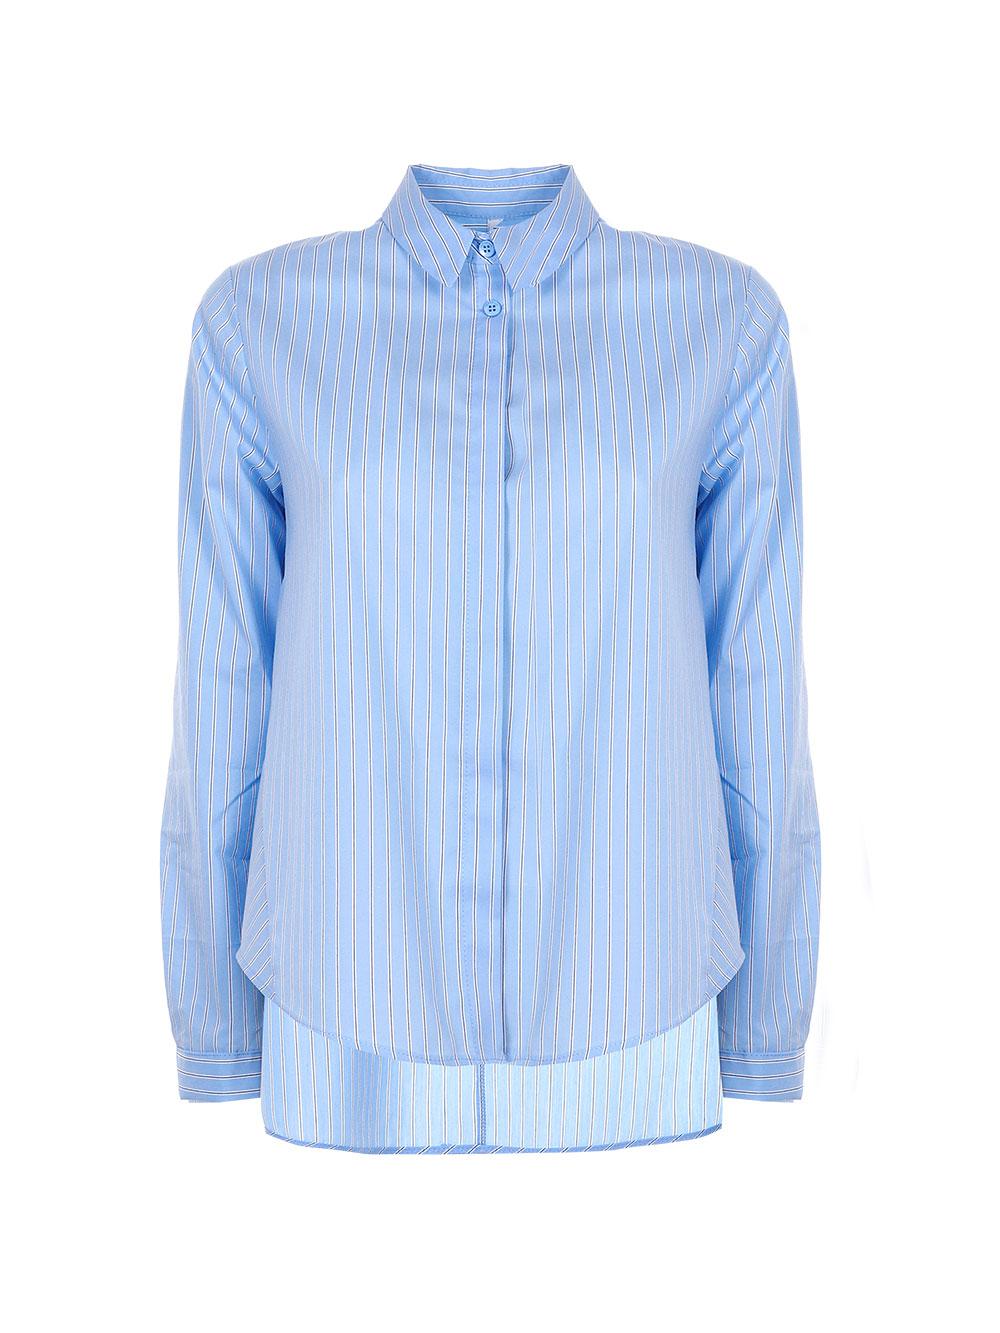 Хлопковая рубашка в полоску Imperial